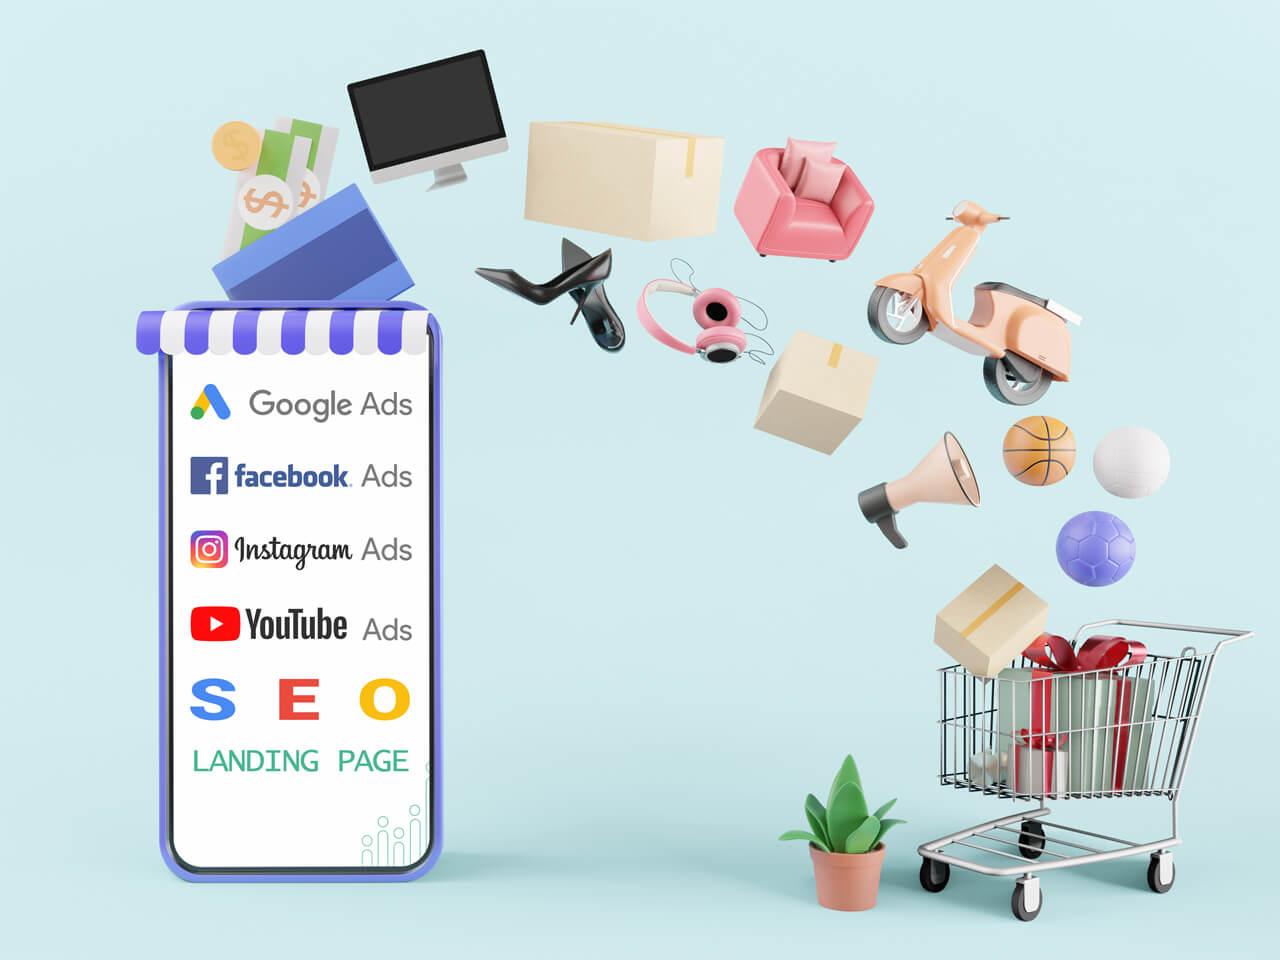 Trafego marketing digital